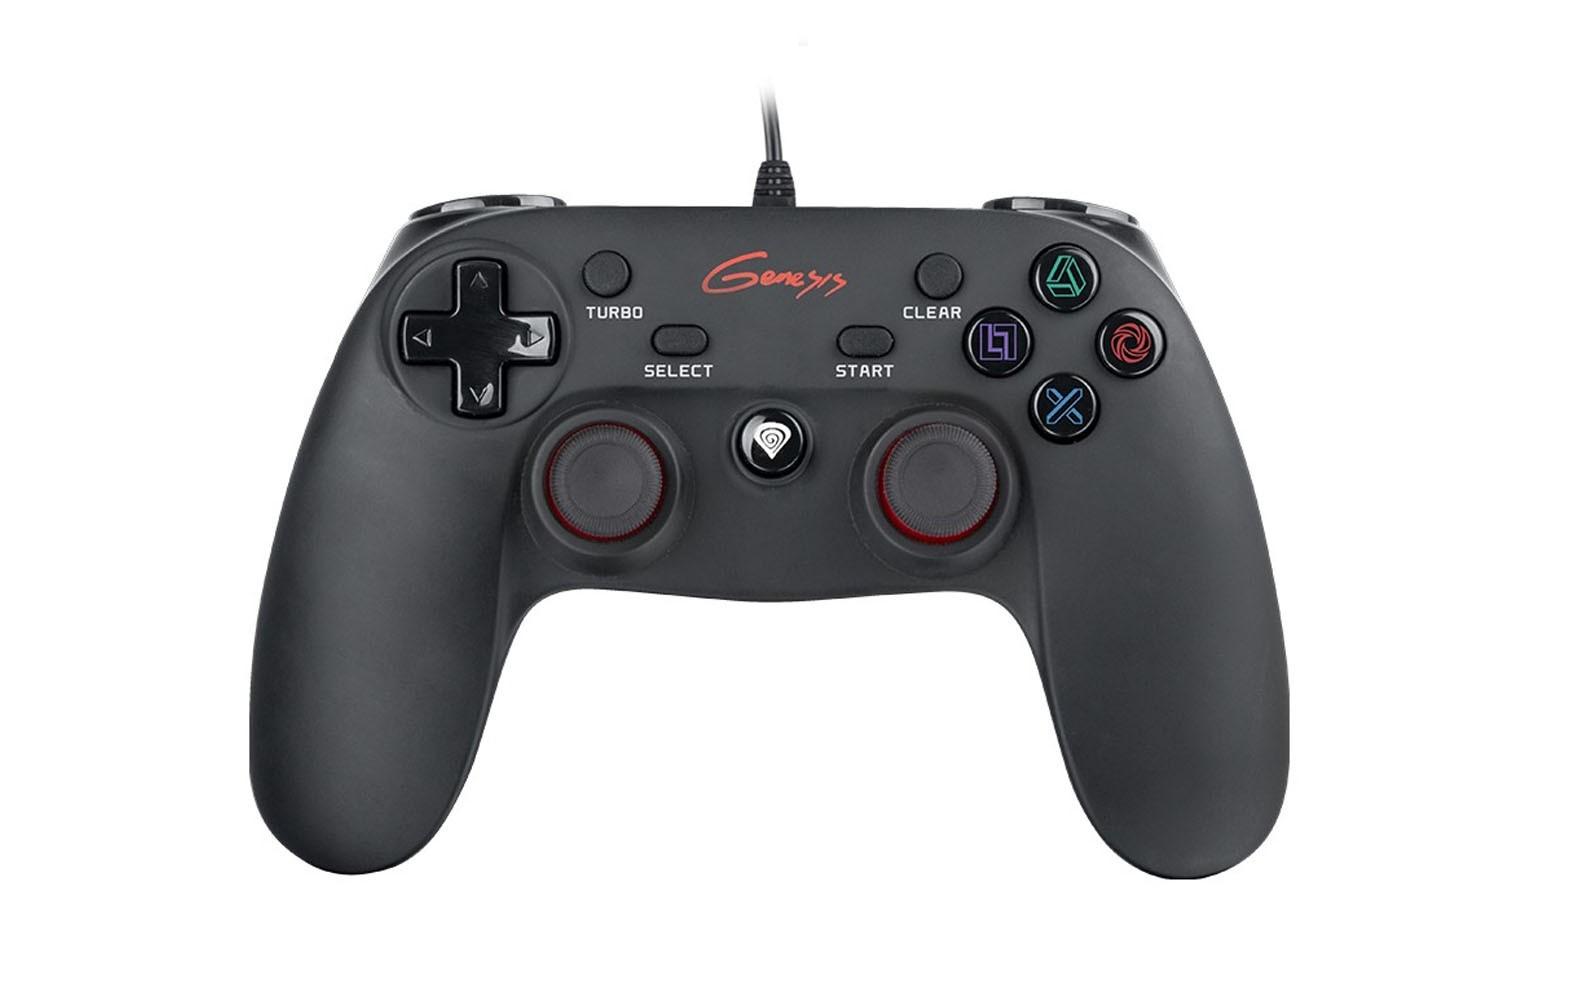 GENESIS P65 laidinis valdiklis PS3/PC